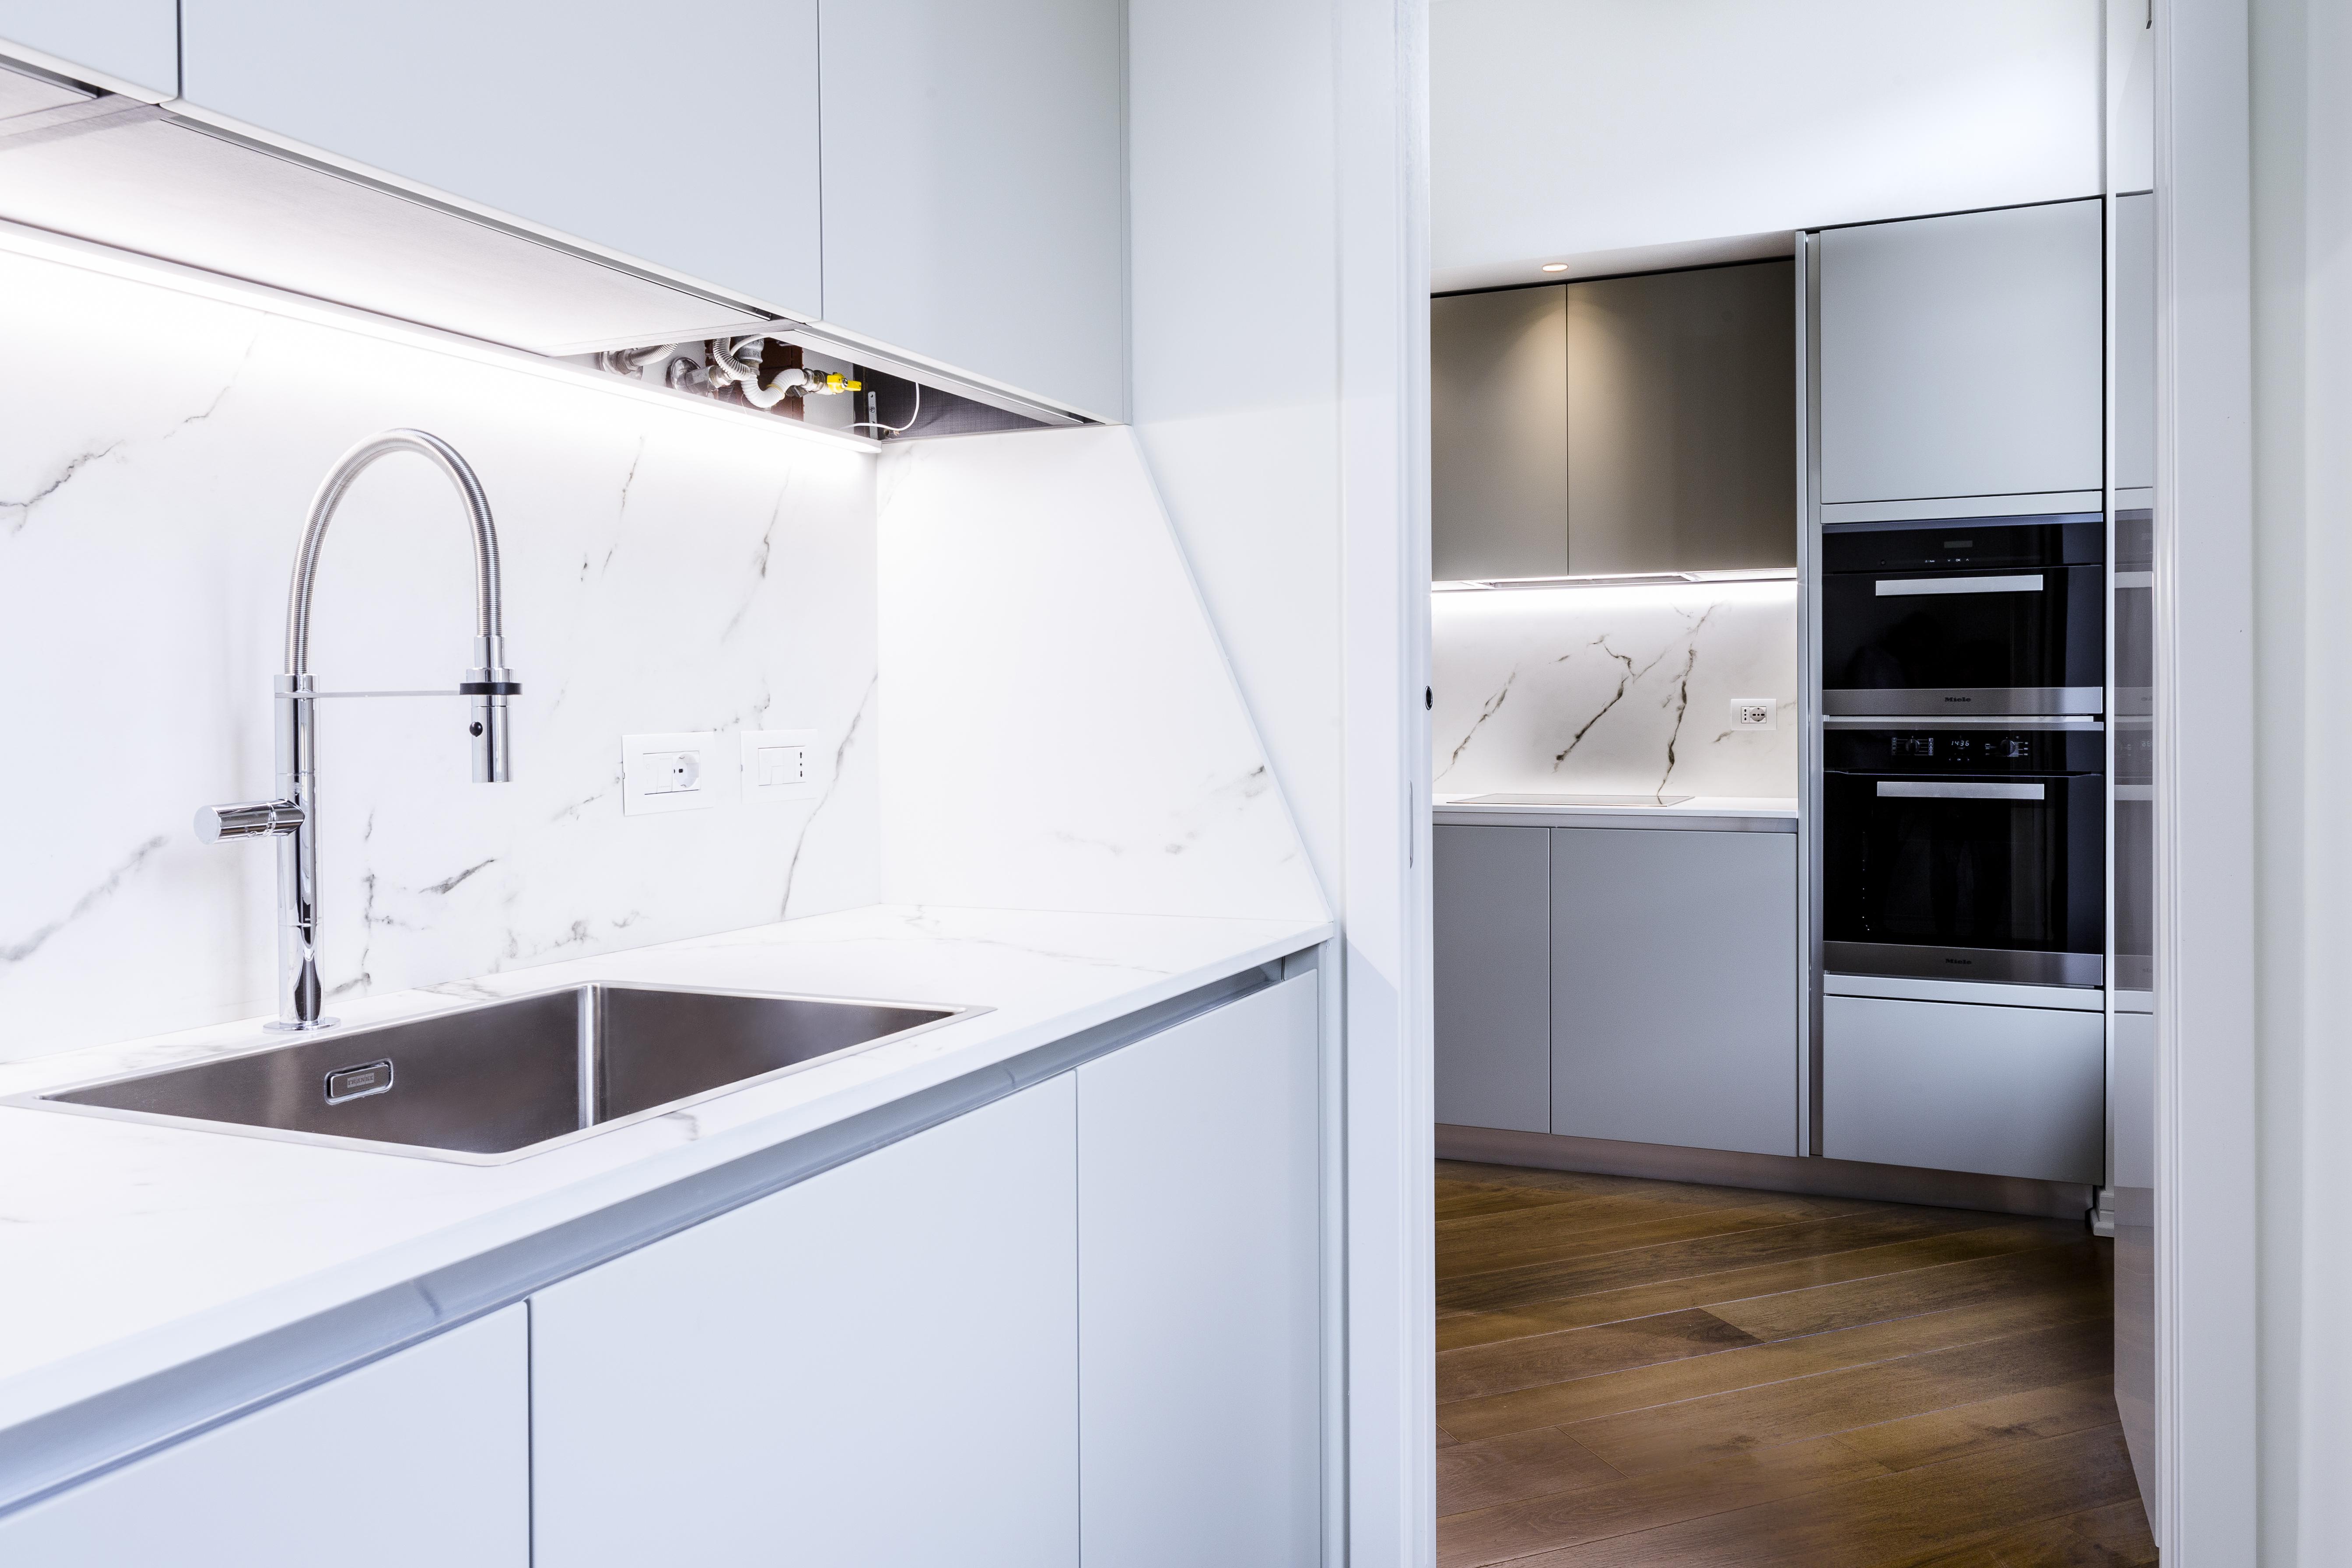 Milan s apartment galbiati arreda for Galbiati arreda